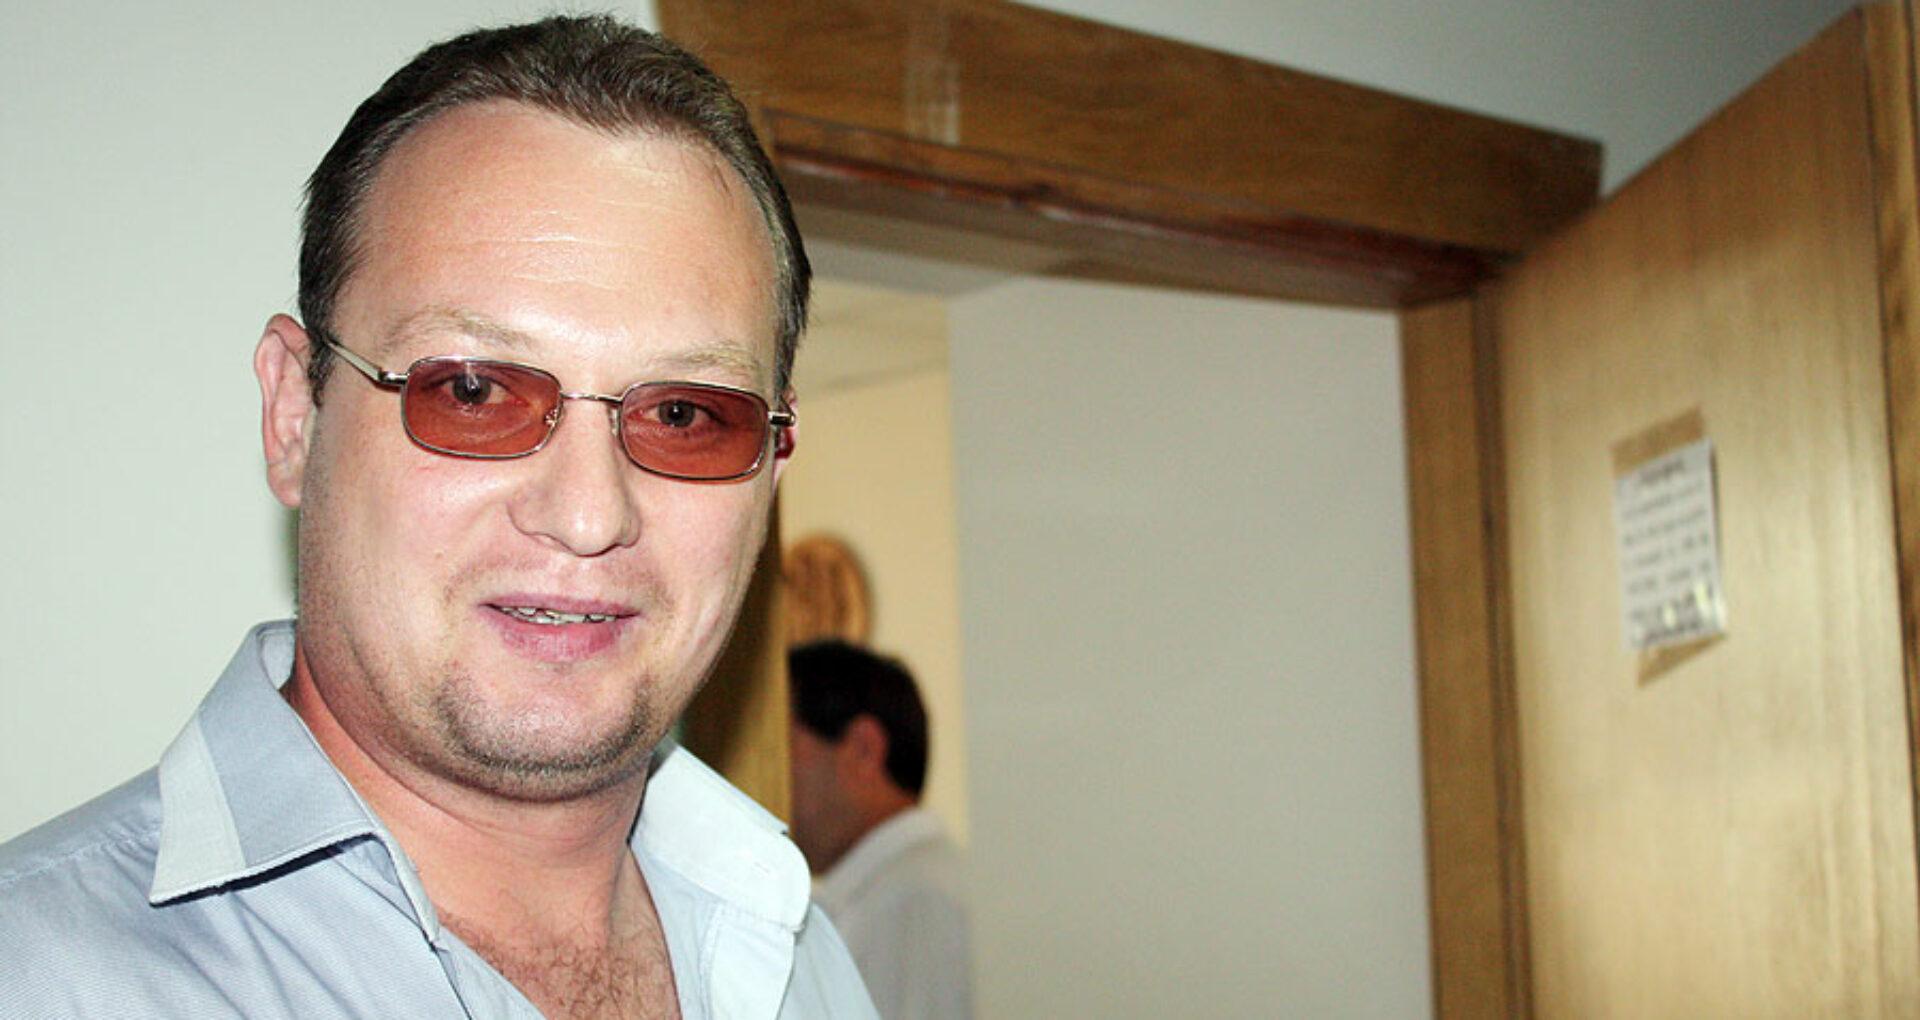 Procurorul care a cerut jumătate de  milion de lei de la ZdG, a primit statut  de inculpat în două dosare penale